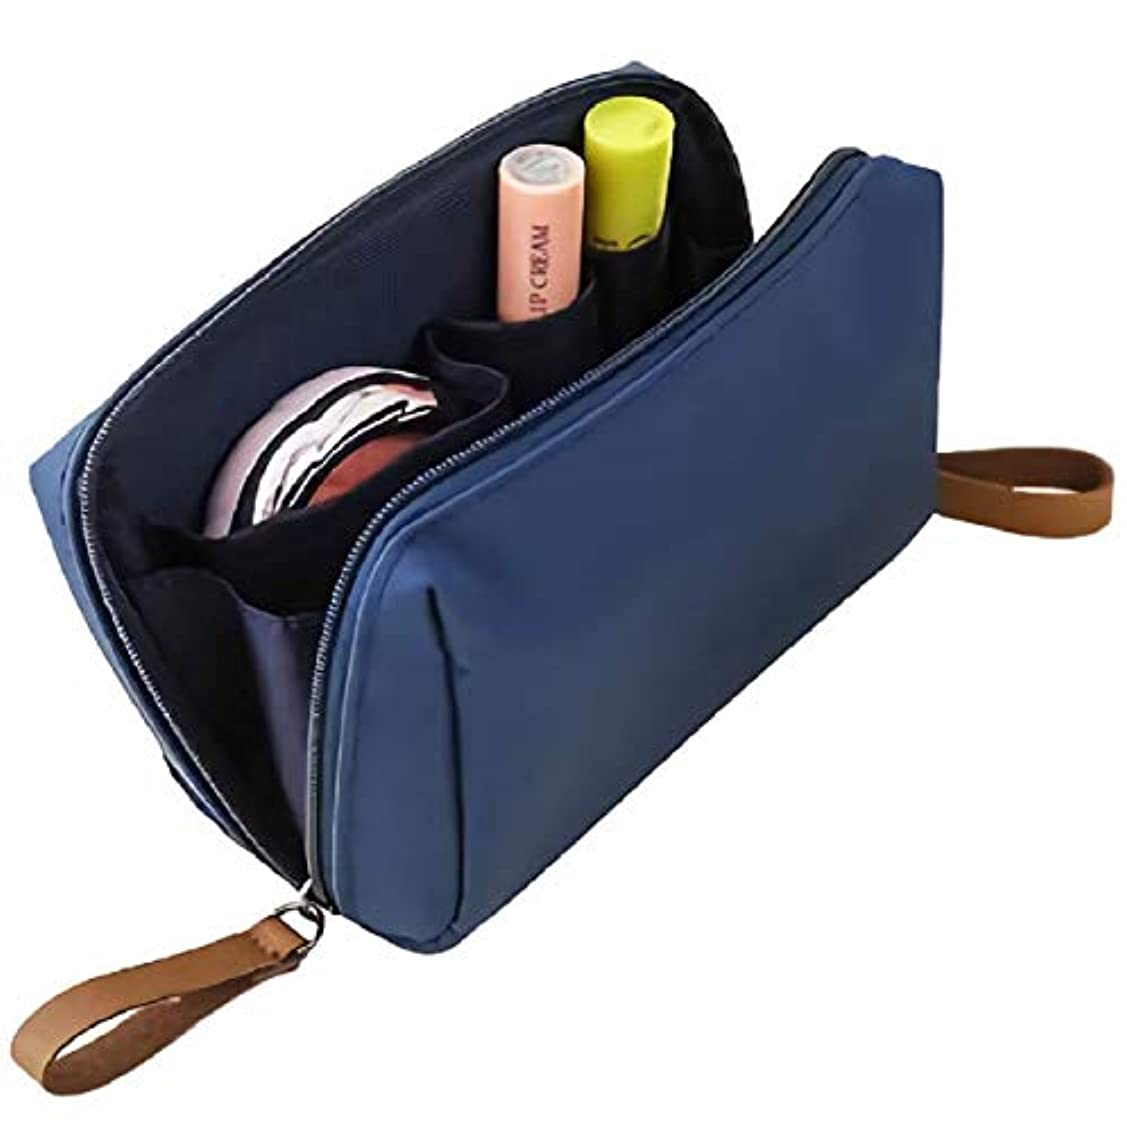 真っ逆さまテレックス出血[ウレギッシュ] 化粧ポーチ コンパクト メイクポーチ 化粧品 化粧道具 収納 バッグ (ネイビー)